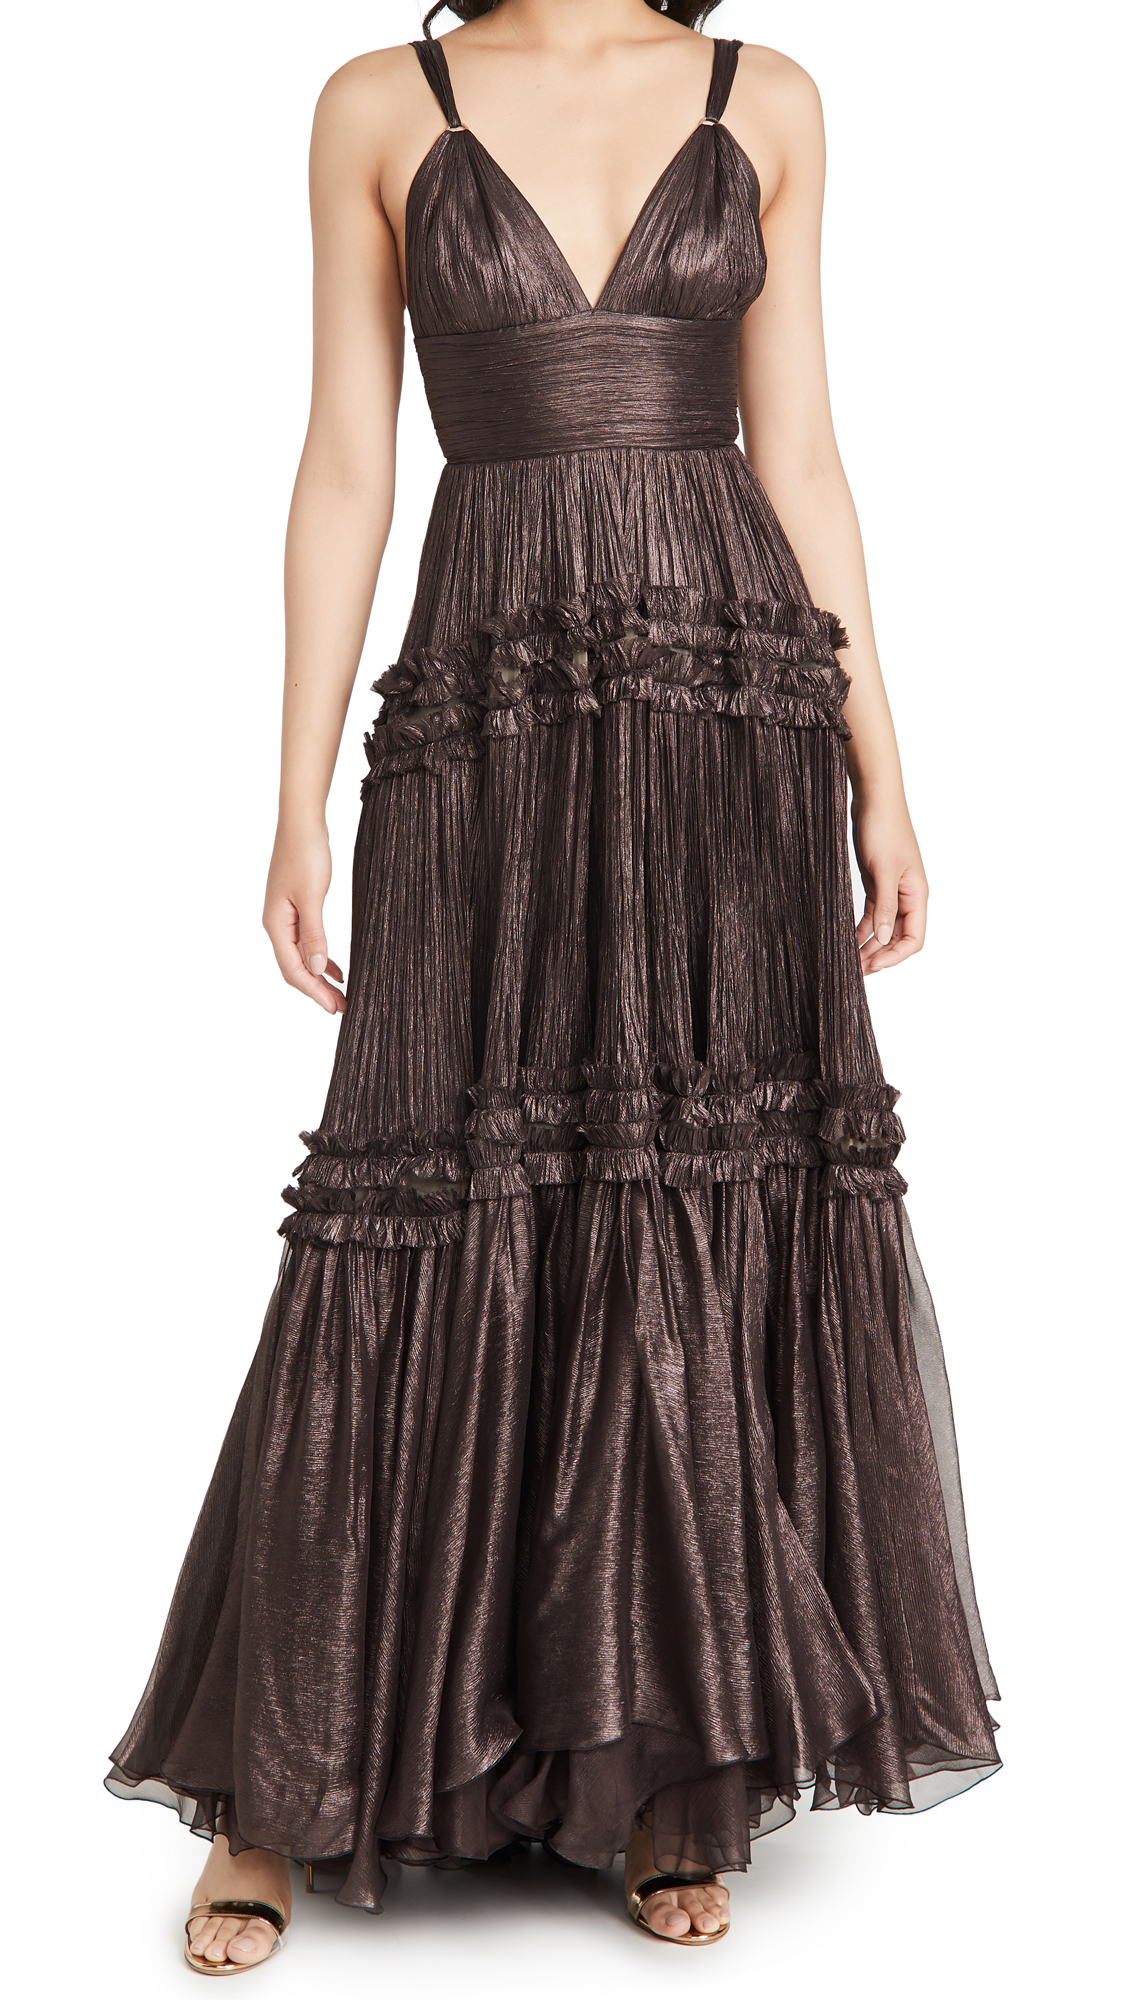 Maria Lucia Hohan Irisa Dress